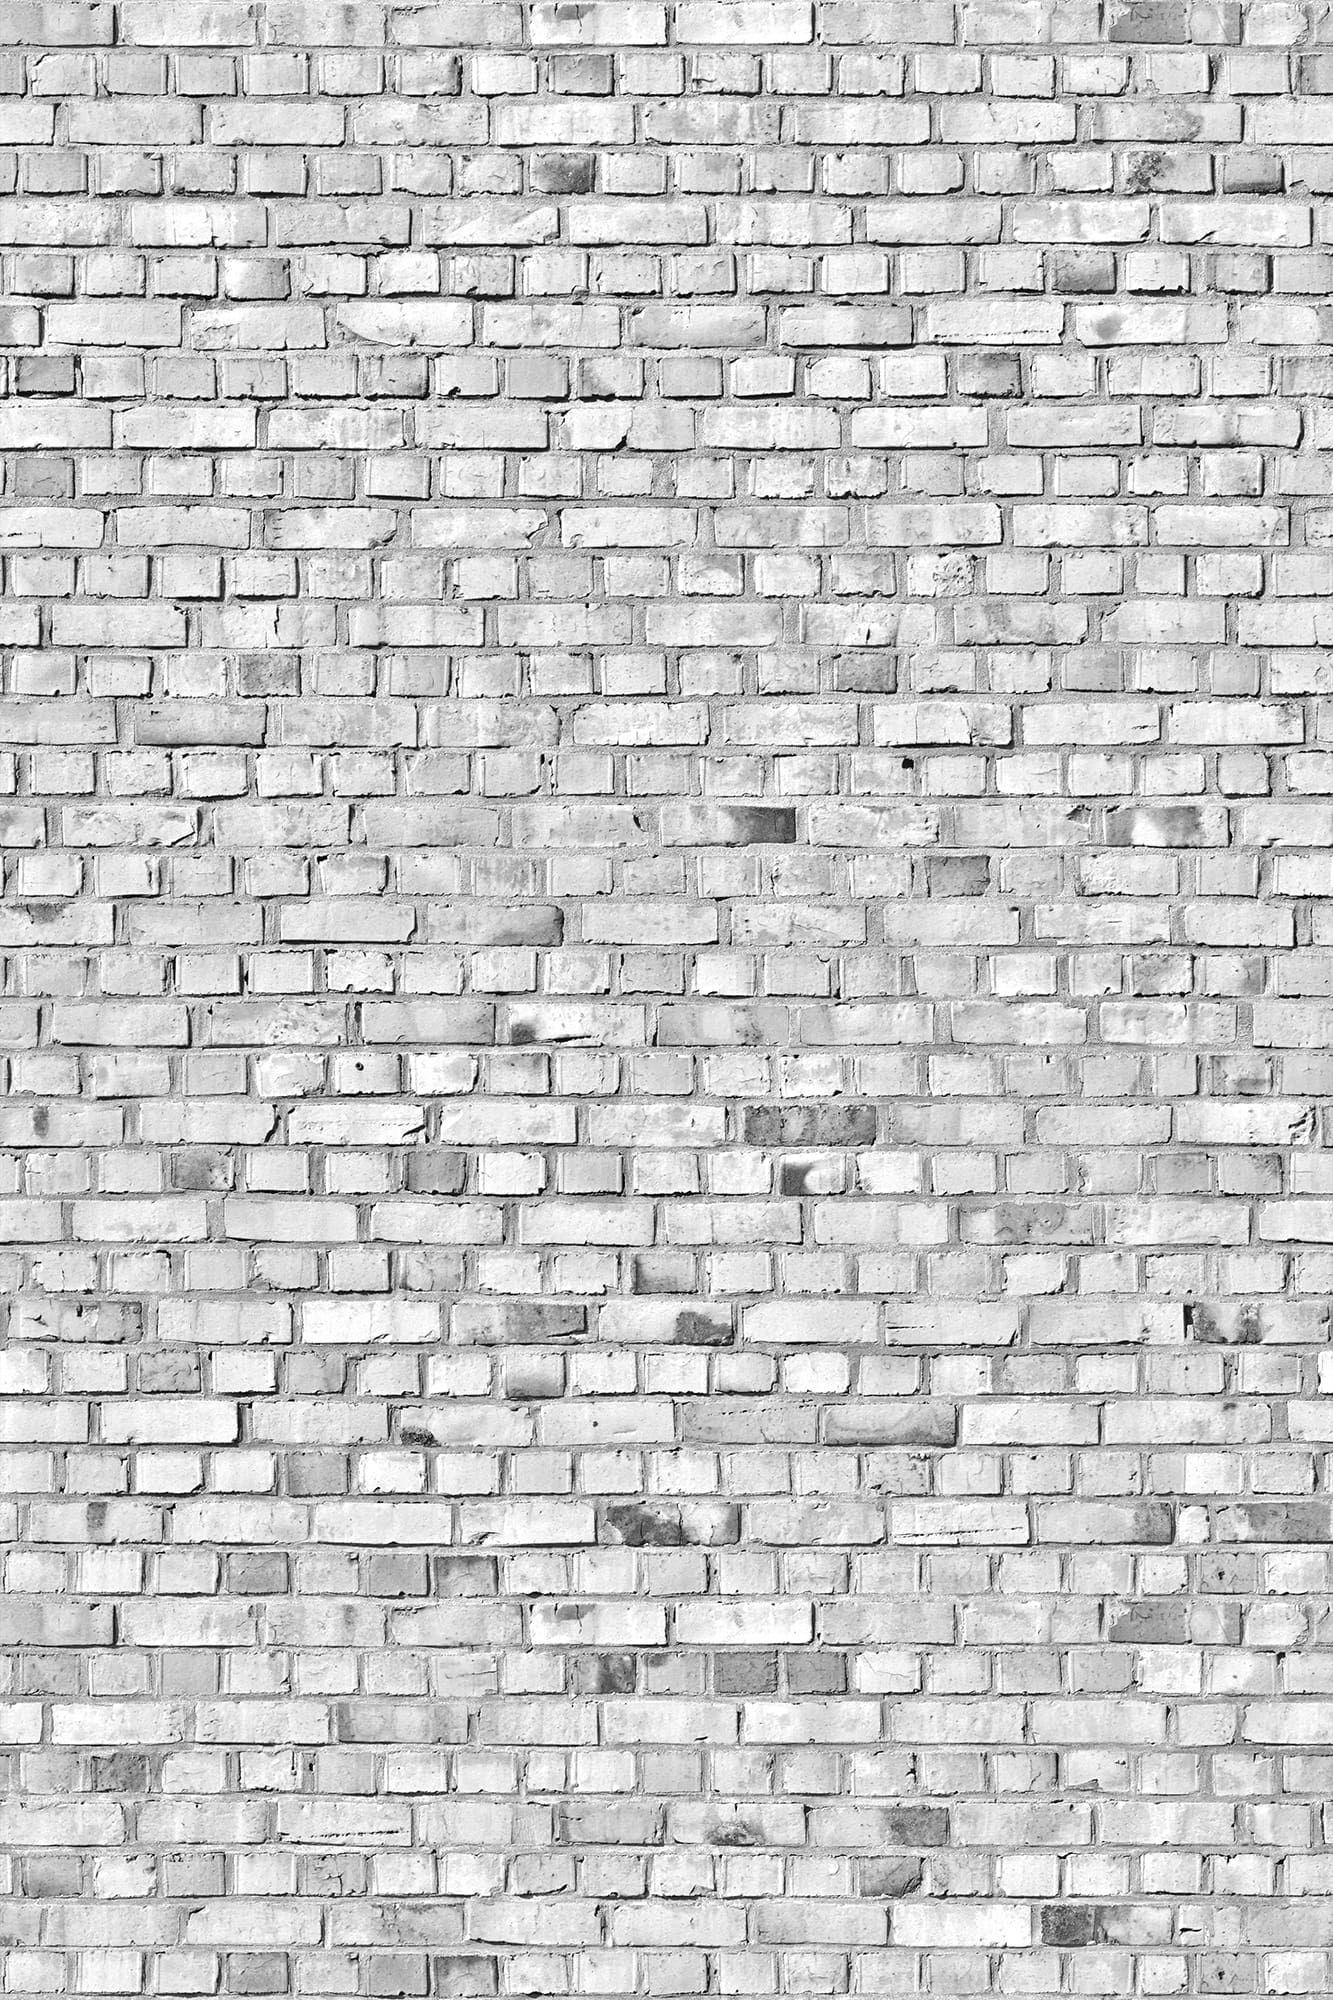 Brick Wall, white in 2020 Brick wall drawing, Brick wall